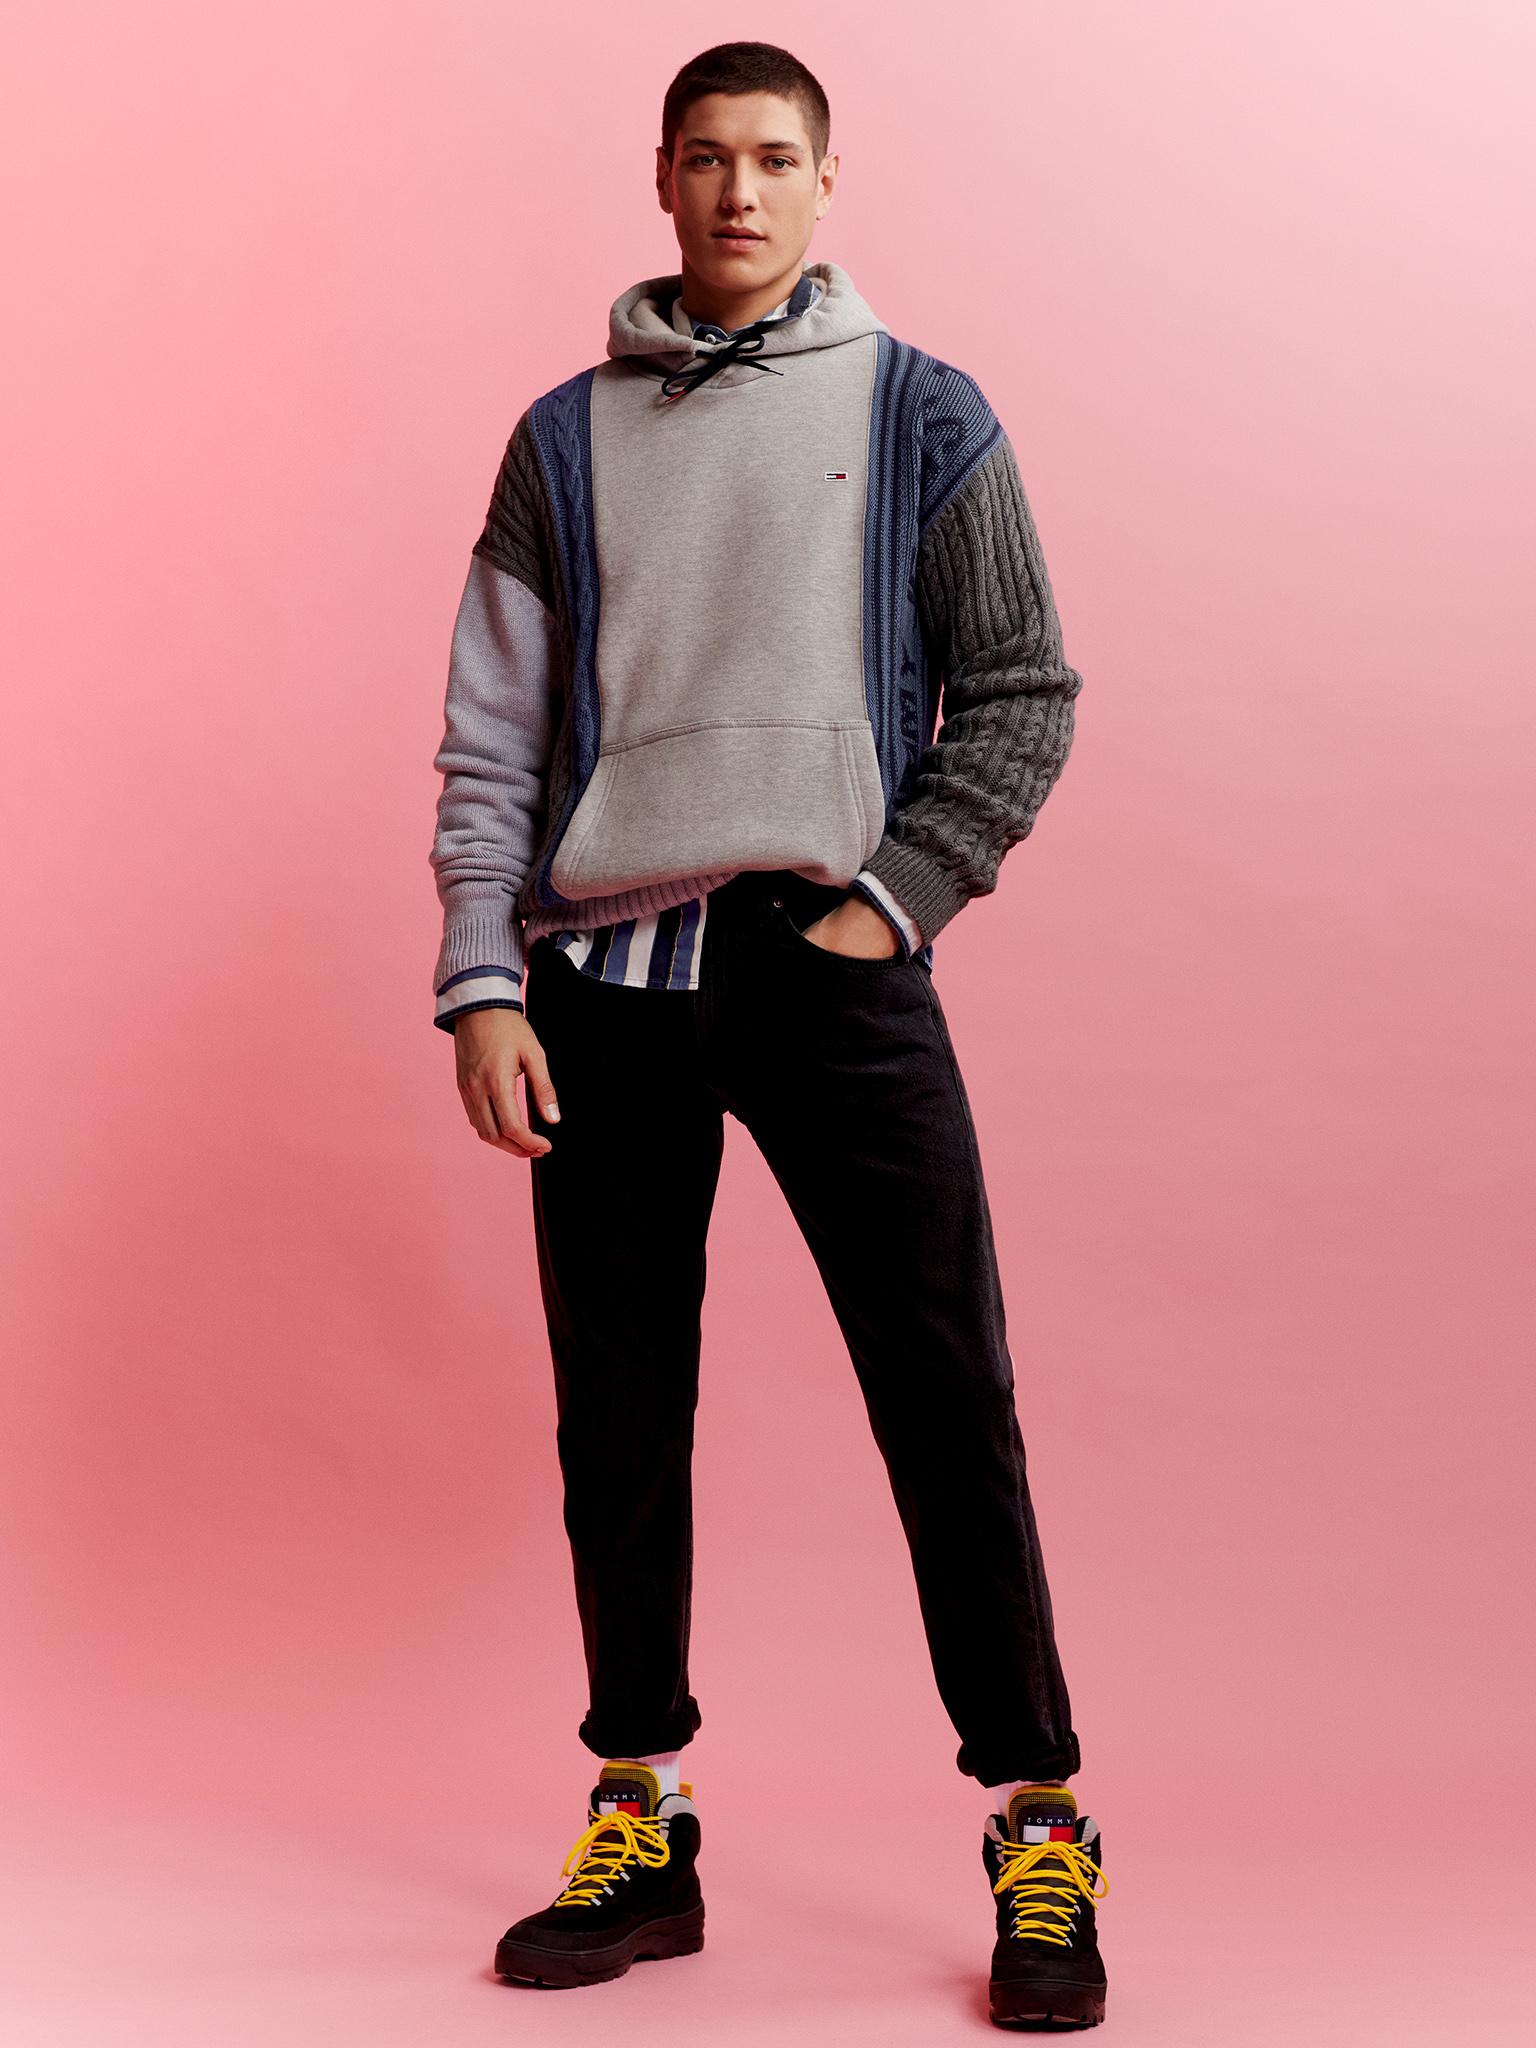 TH_Fall2019_TommyJeans_Lookbook_Look_03.jpg